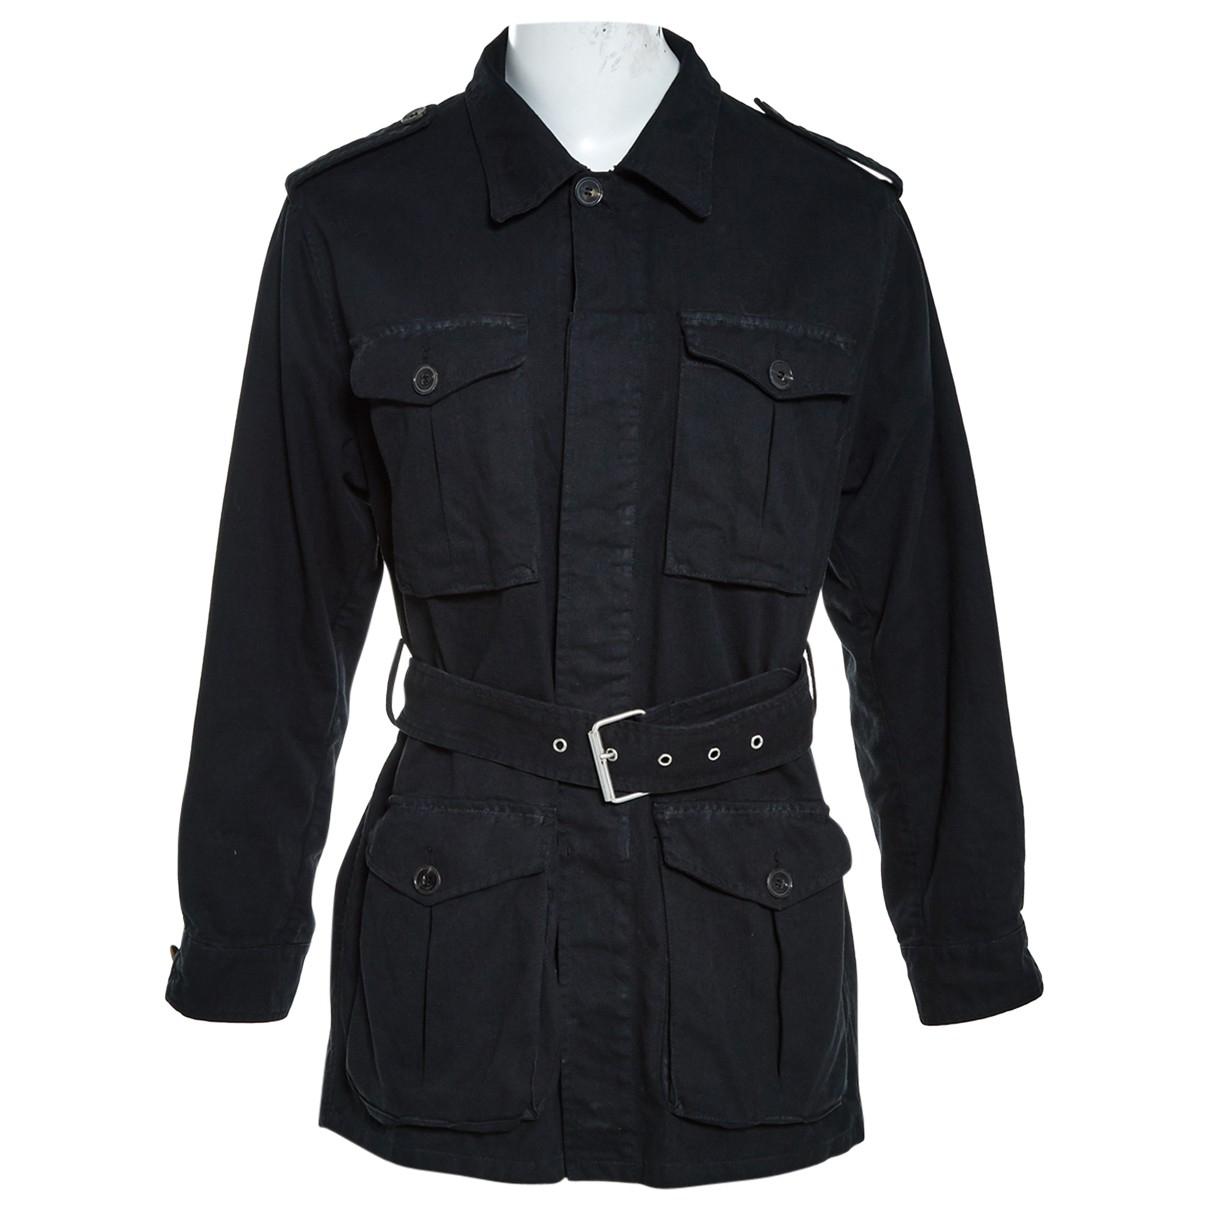 Saint Laurent N Black Cotton Jacket for Women